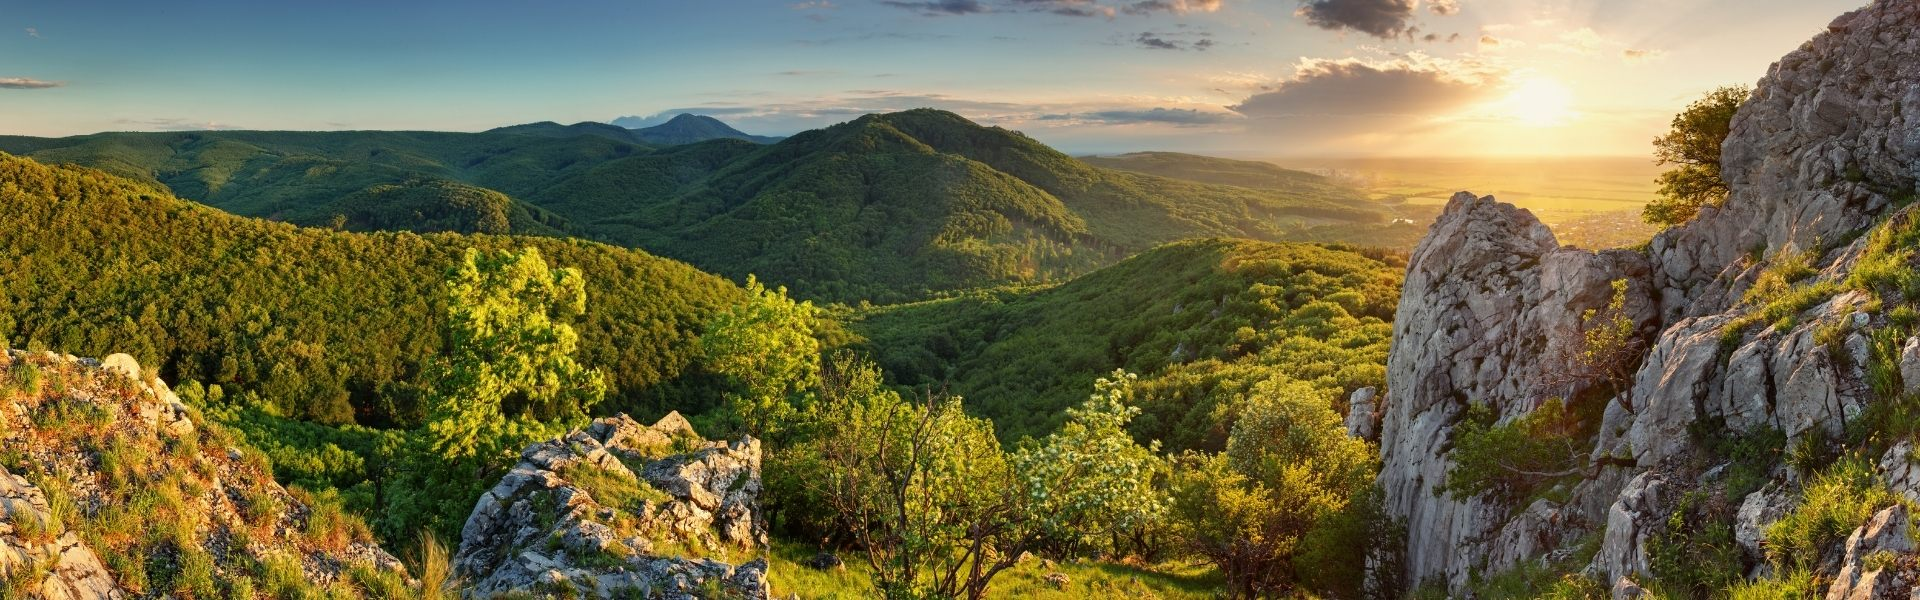 Тур в Карпати на 4 дні «Колоритна Верховина»